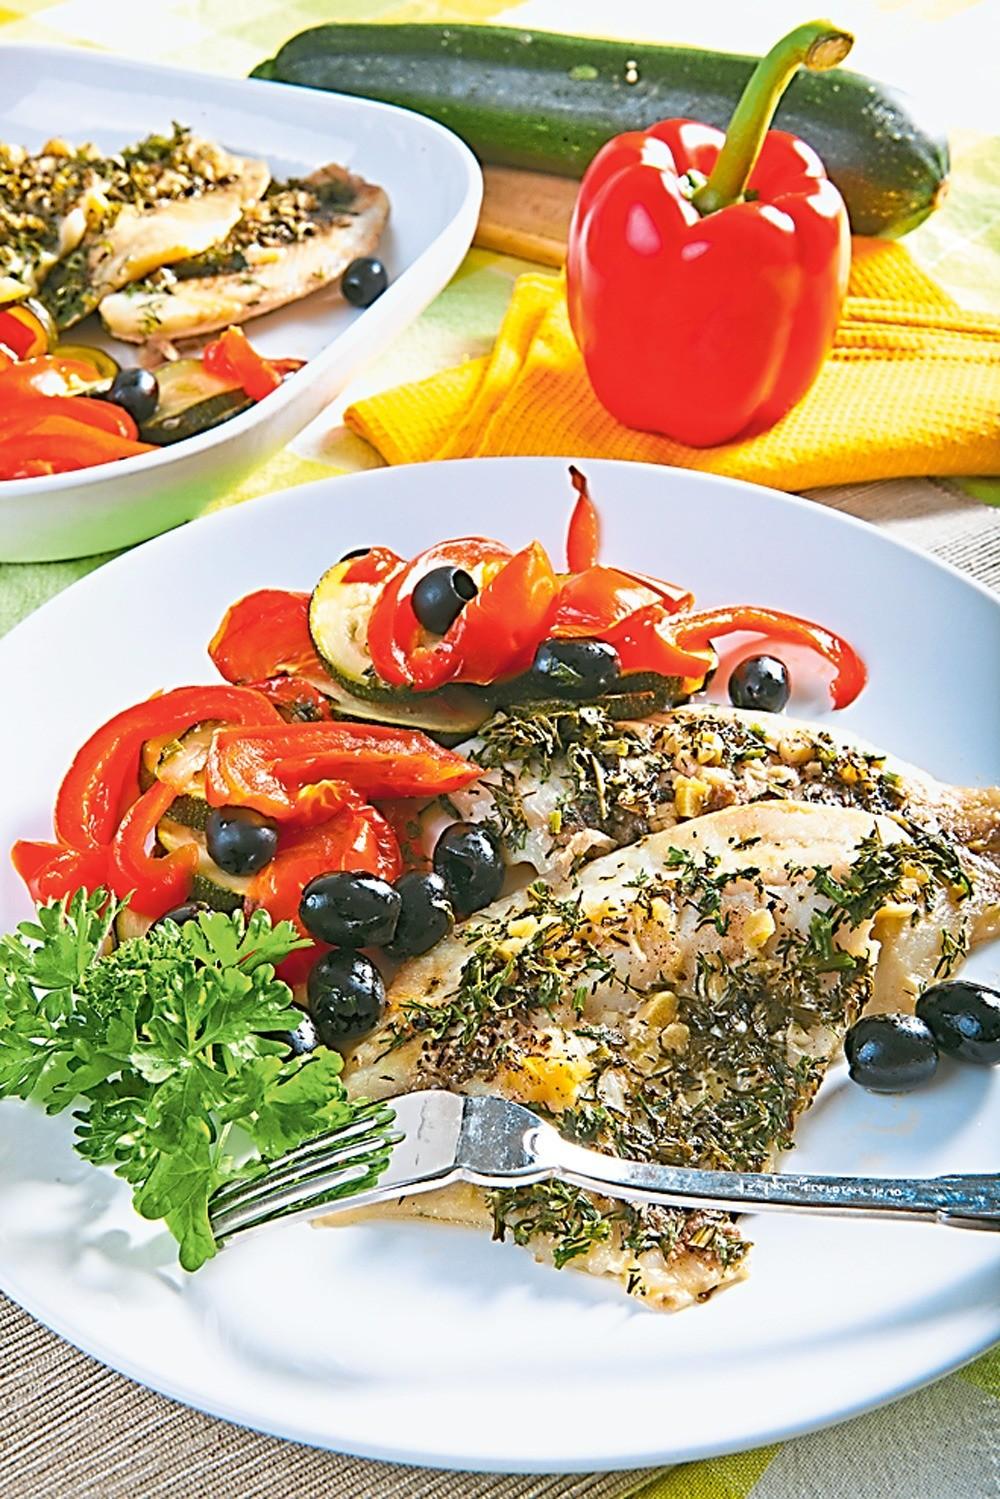 Легкий ужин: рецепт судака с цукини и оливками